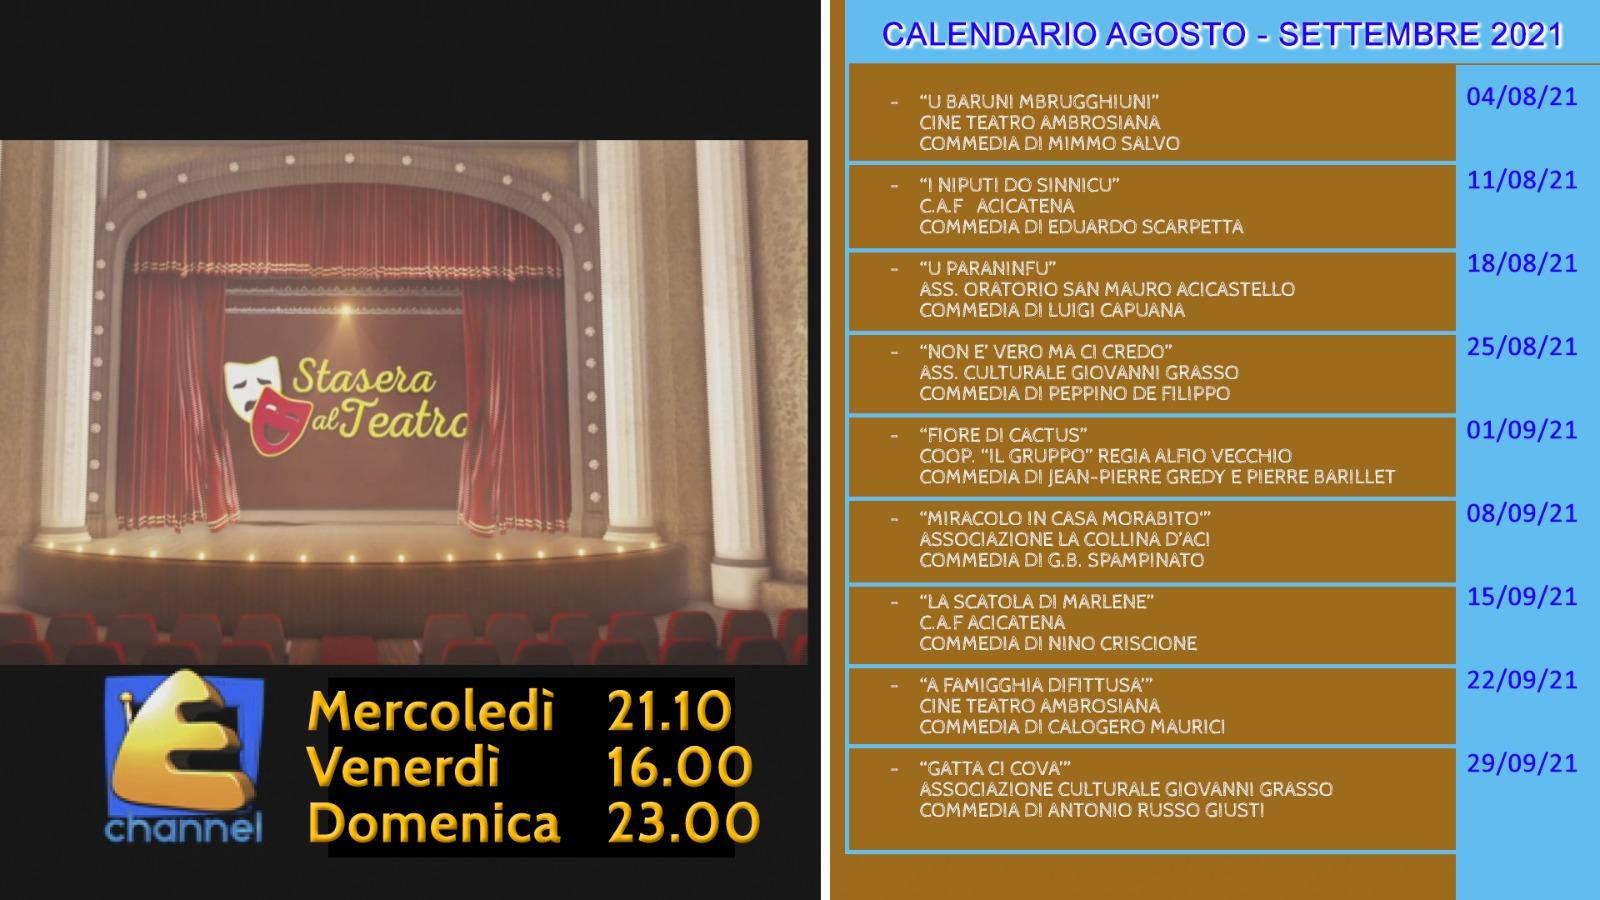 Stasera al teatro - Programma Agosto e Settembre 2021